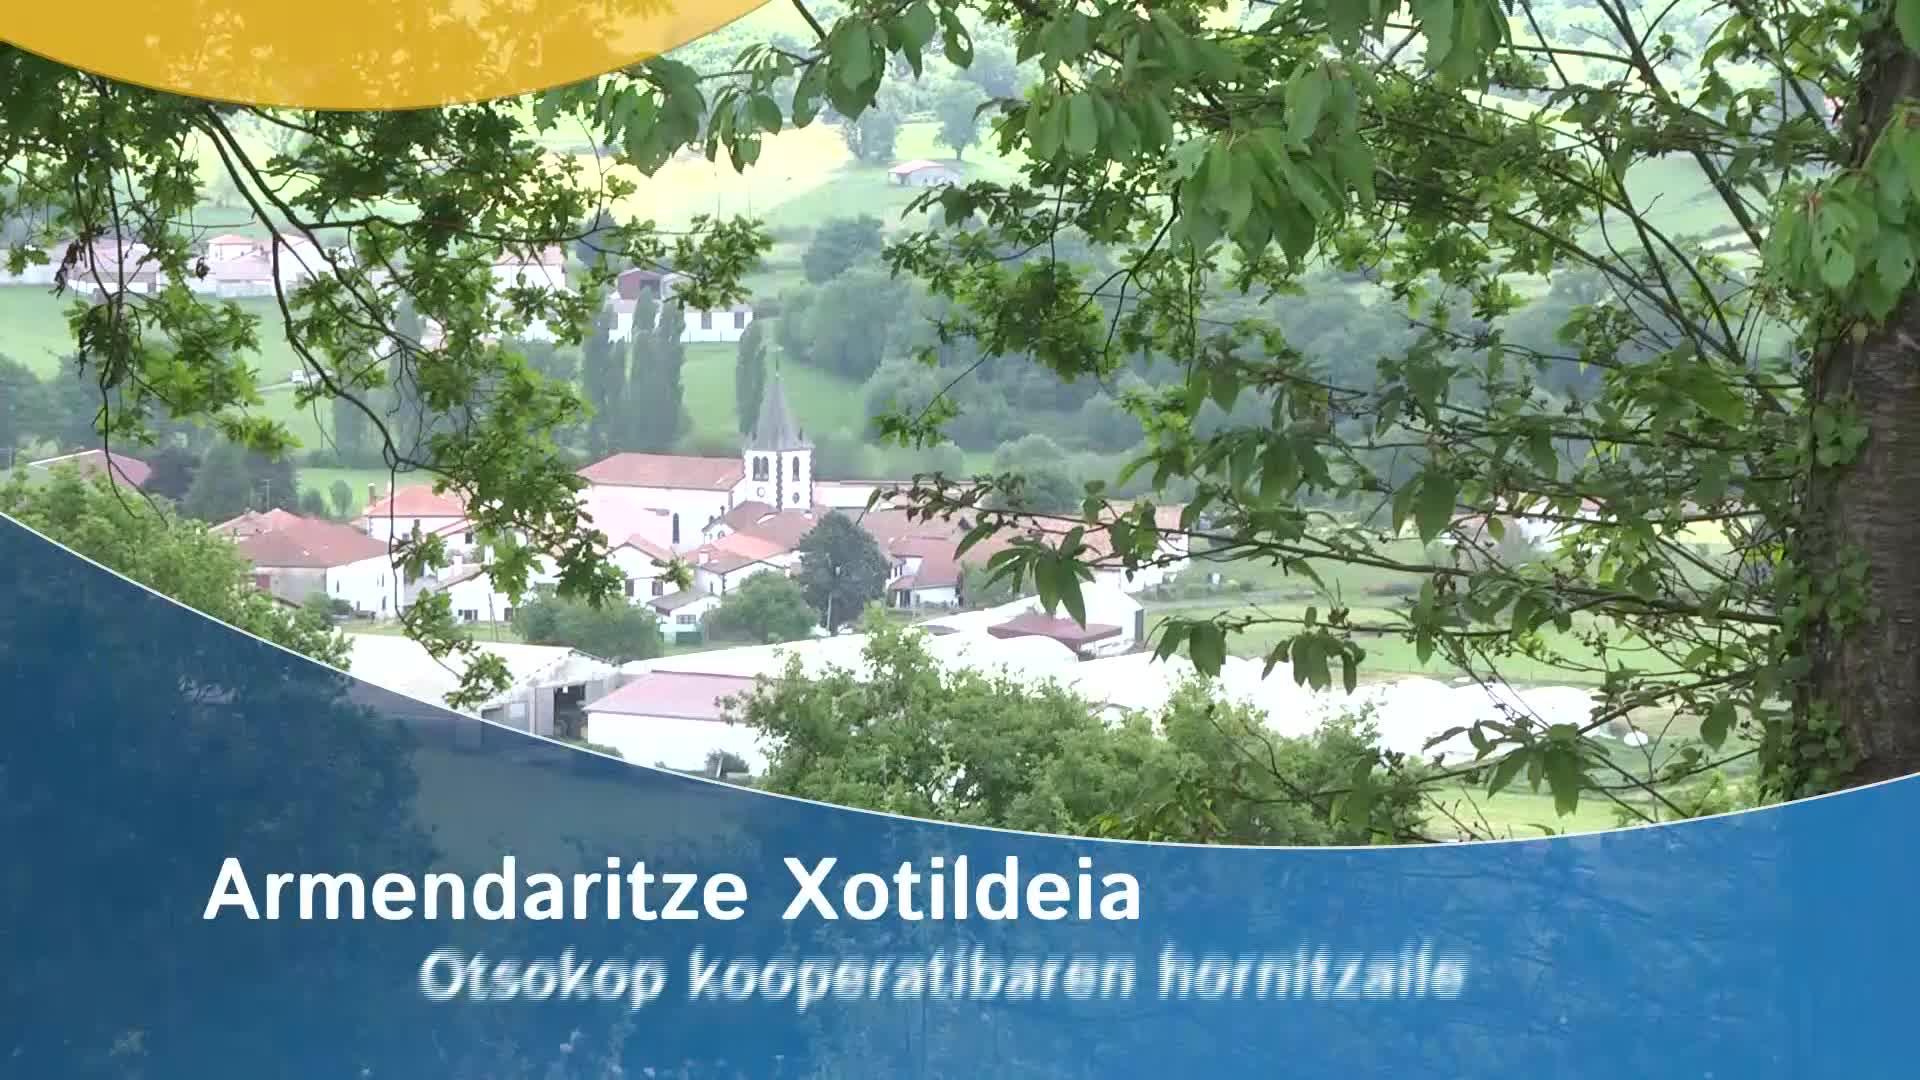 Armendaritze Xotildeia Otsokop kooperatibaren hornitzaile